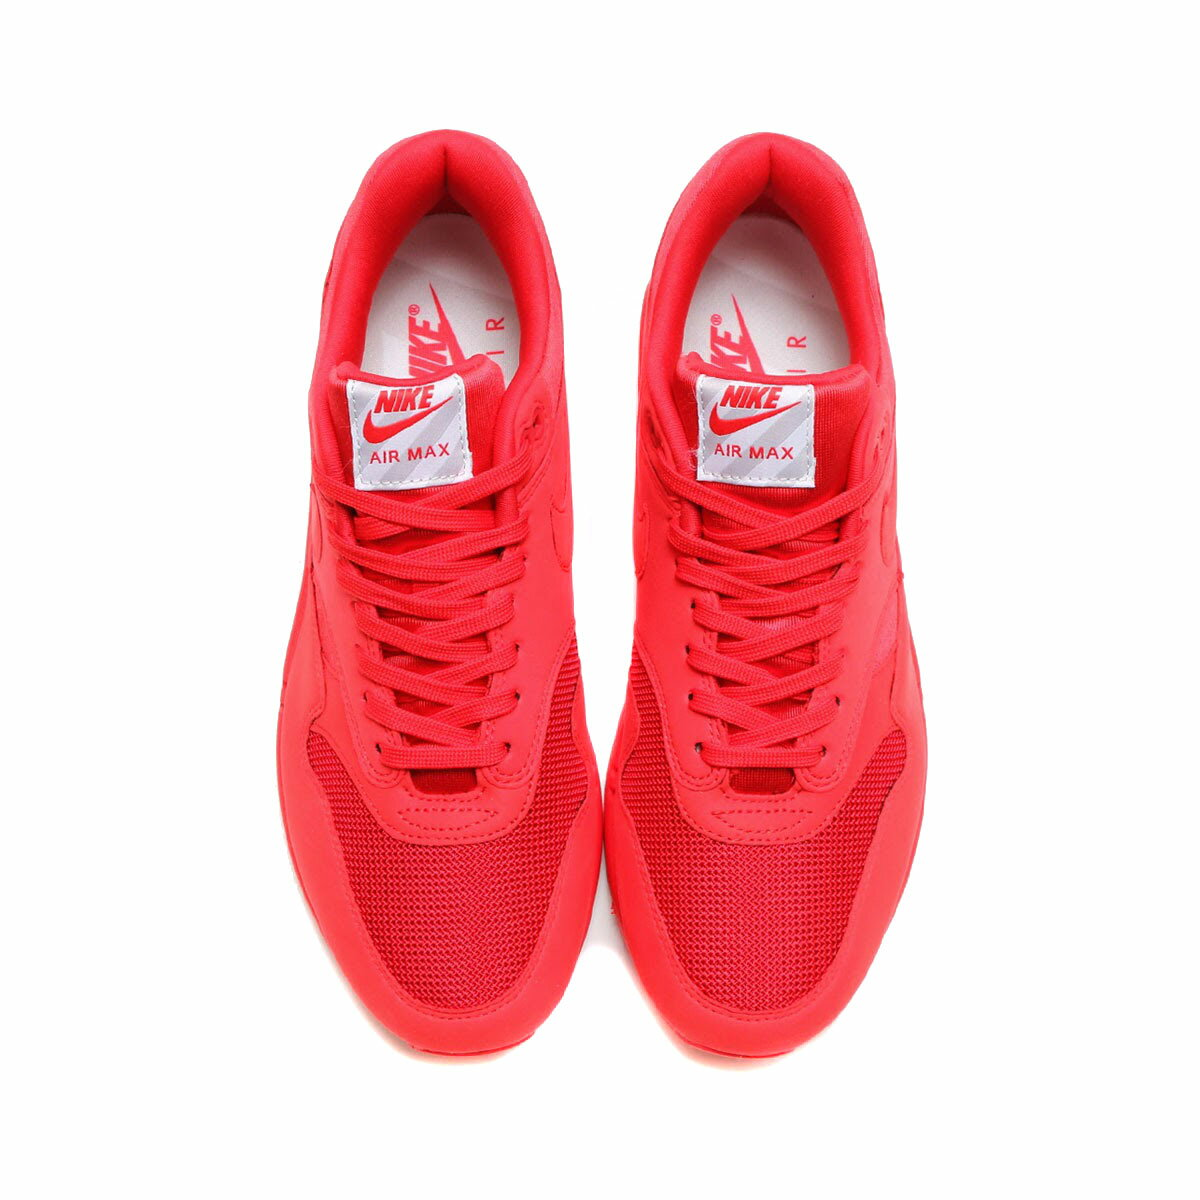 5/20 20:00より お買い物マラソン開催!!店内全商品ポイントアップ実施中!!NIKE AIR MAX 1 PREMIUM (ナイキ エア マックス 1 プレミアム) UNIVERSITY RED/UNIVERSITY RED17SU-S